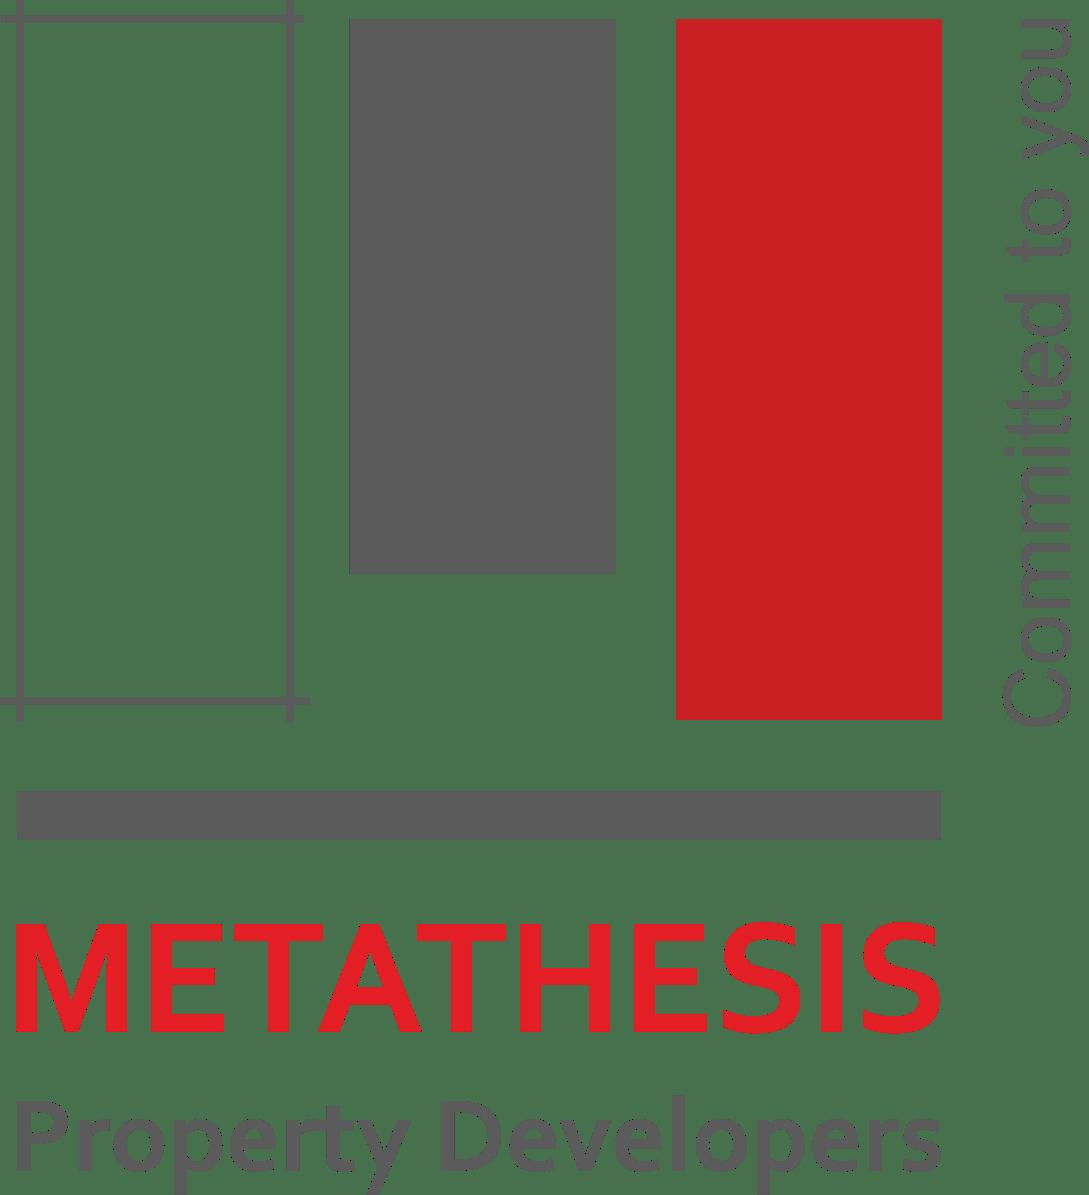 Logotipo Metathesis